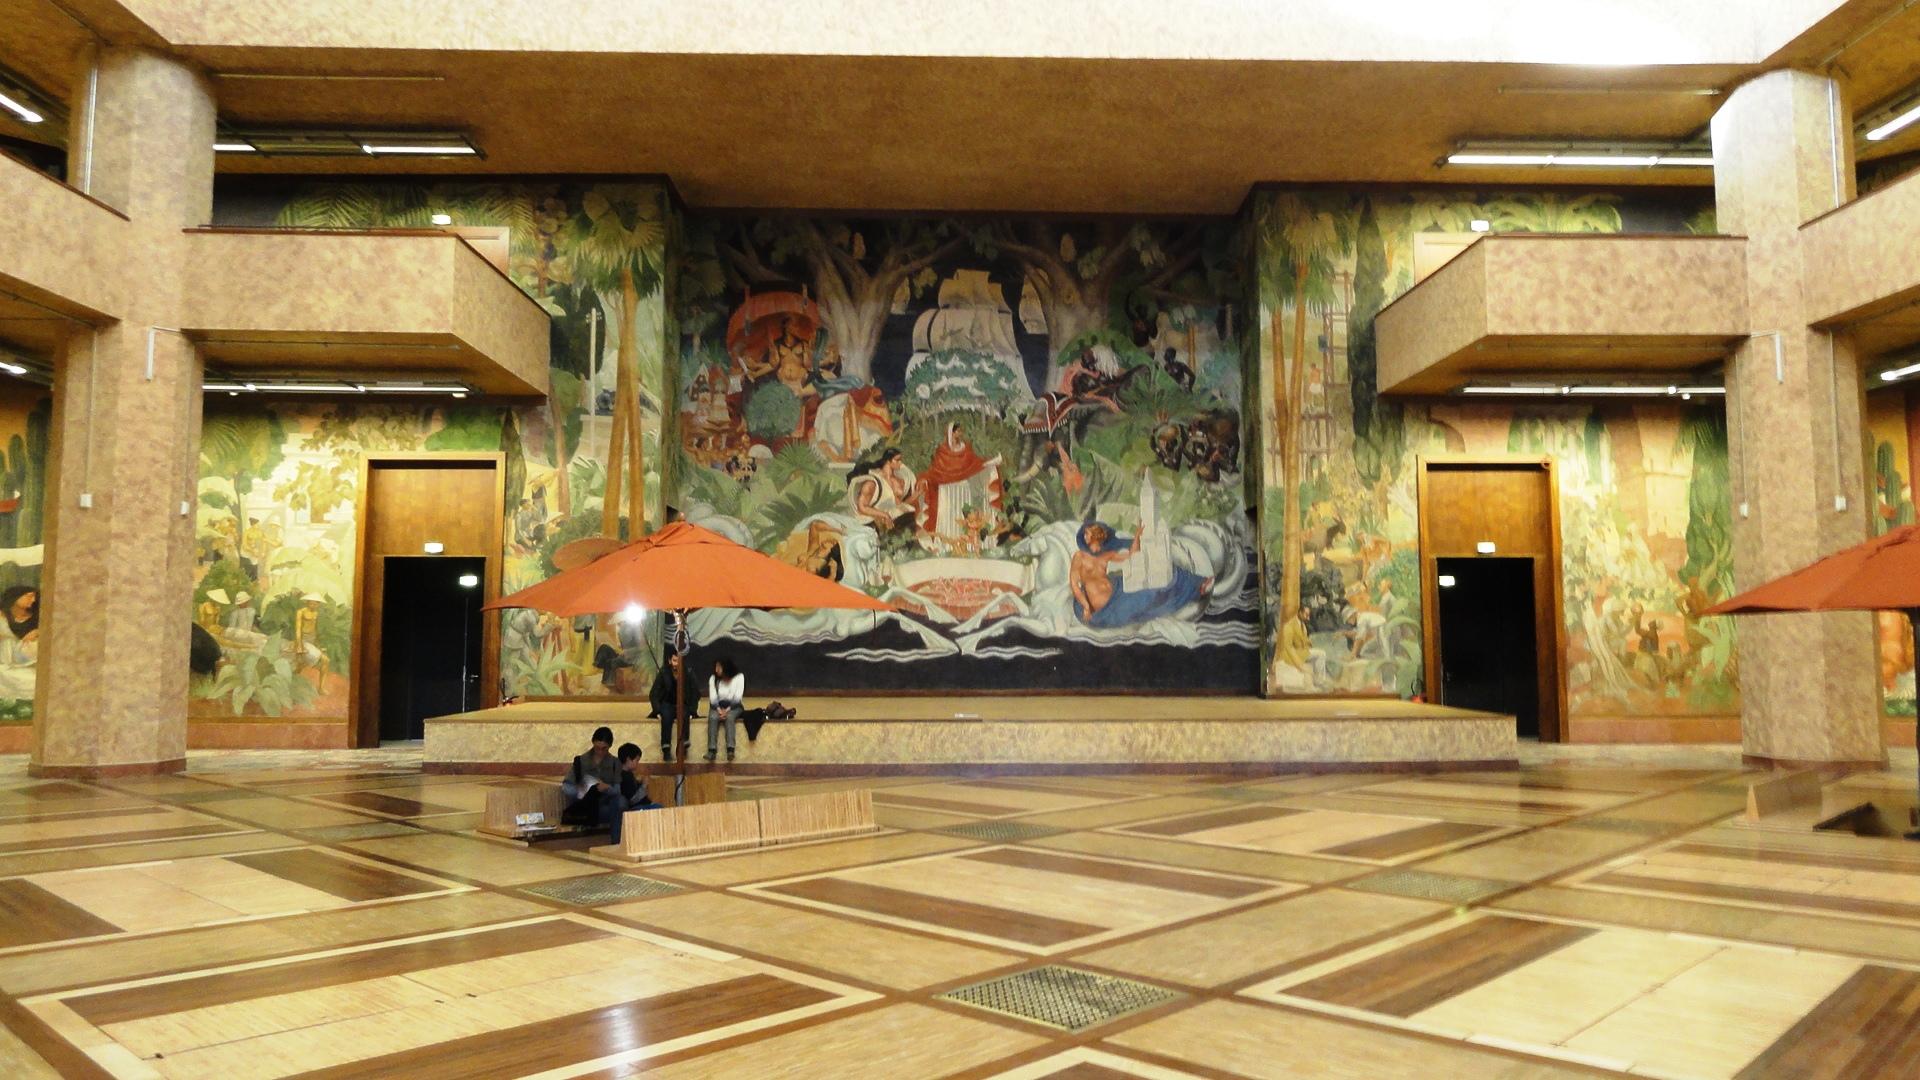 Palais de la Porte Dorée - Musée de l'Histoire de l'Immigration - Paris 12e - Forum